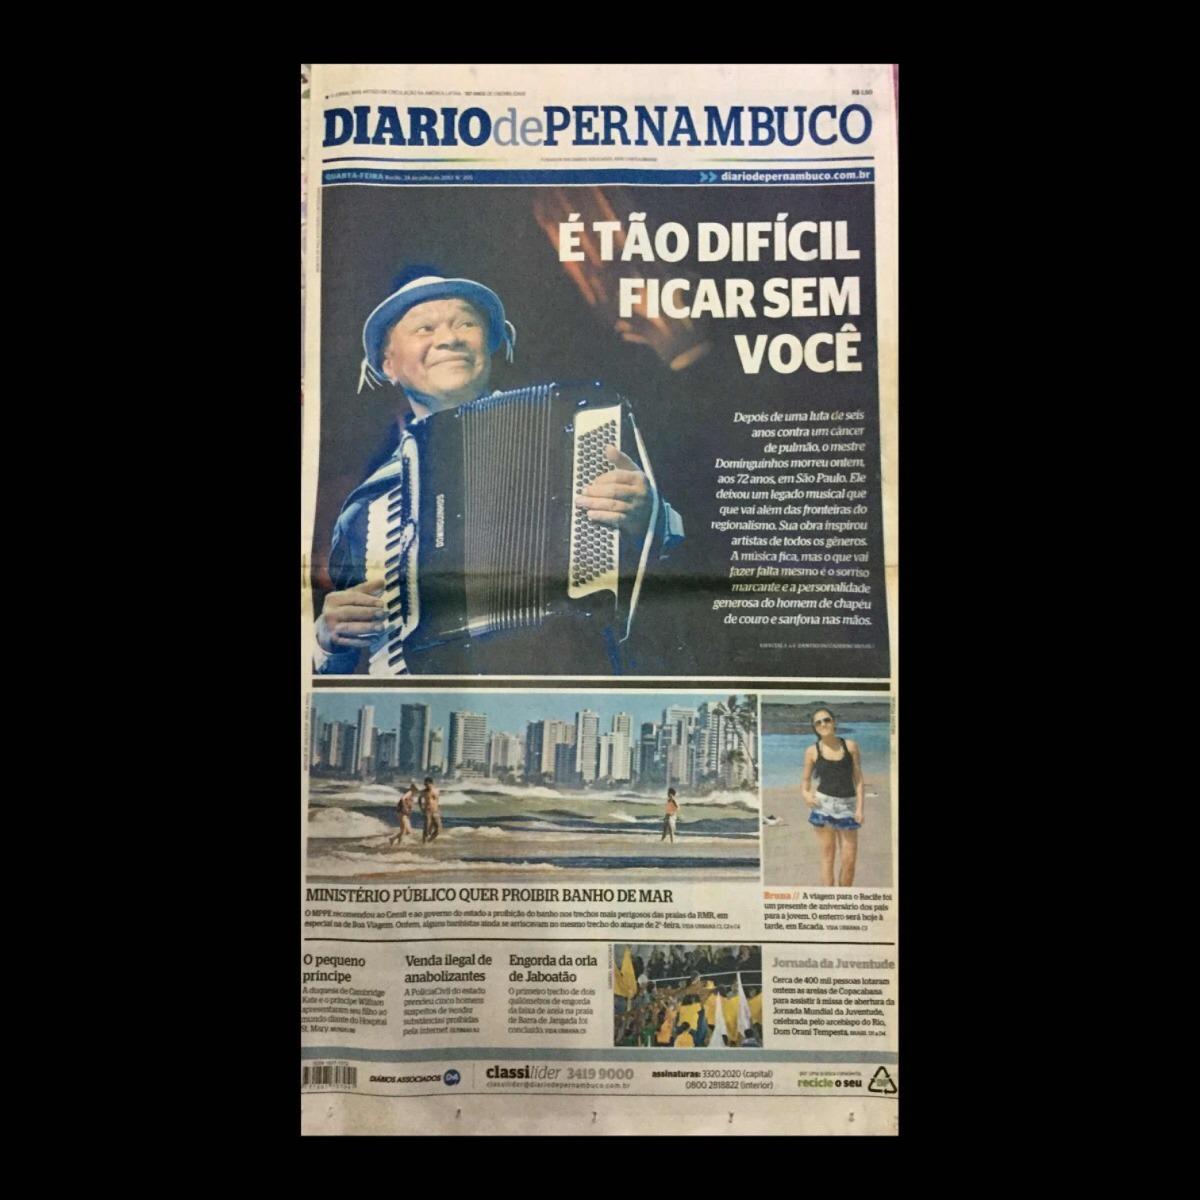 6be418203f Dominguinhos Jornal Diário De Pe Edição De 24/07/2013 - R$ 177,00 em ...